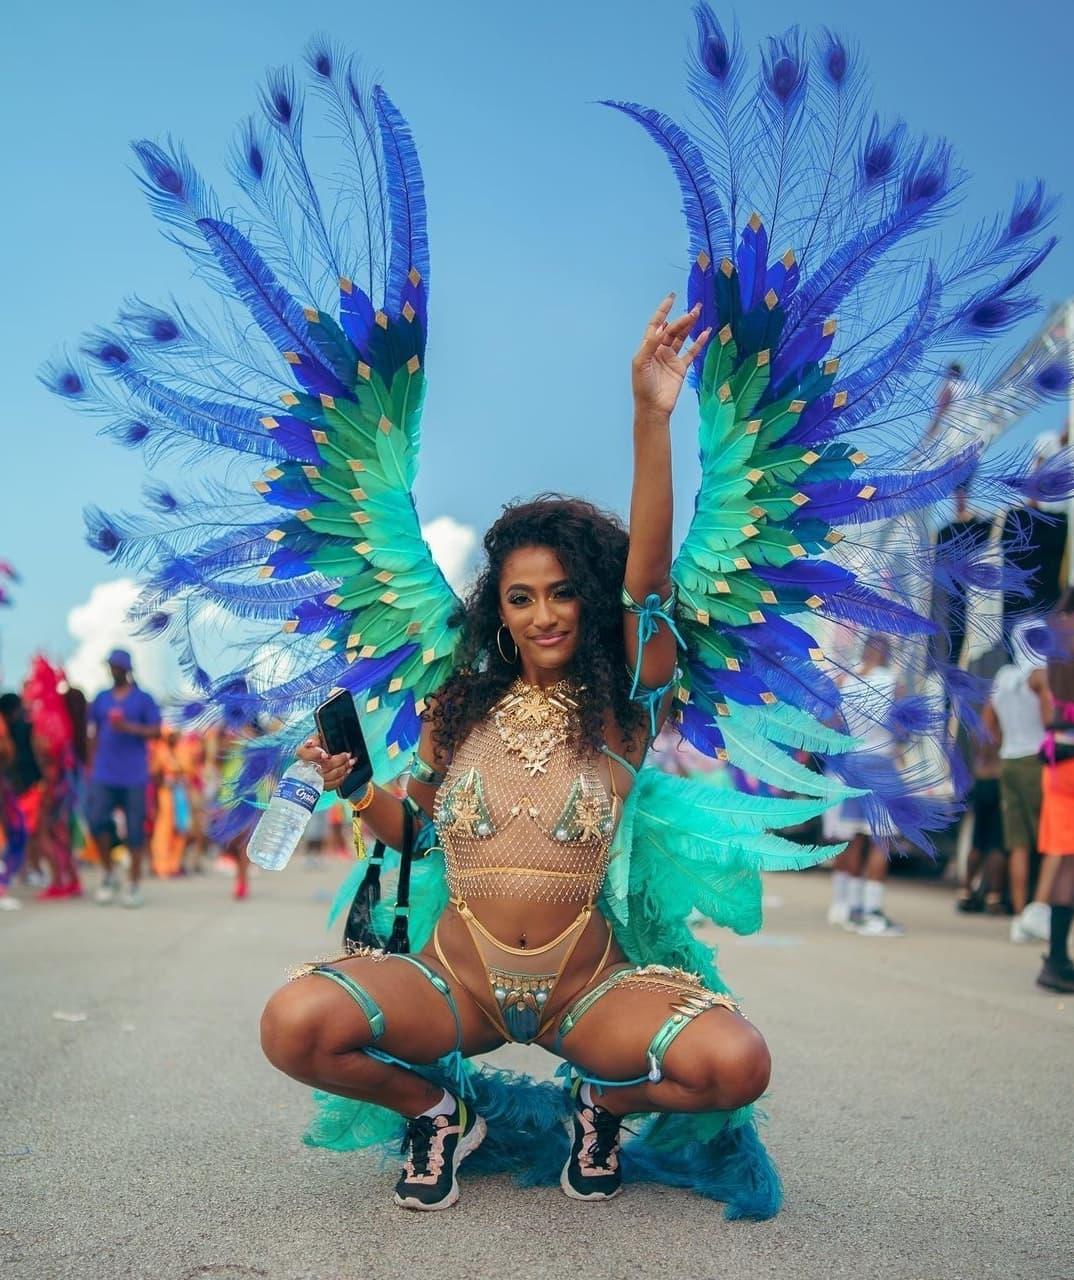 miami-carnival-2021-5.jpg